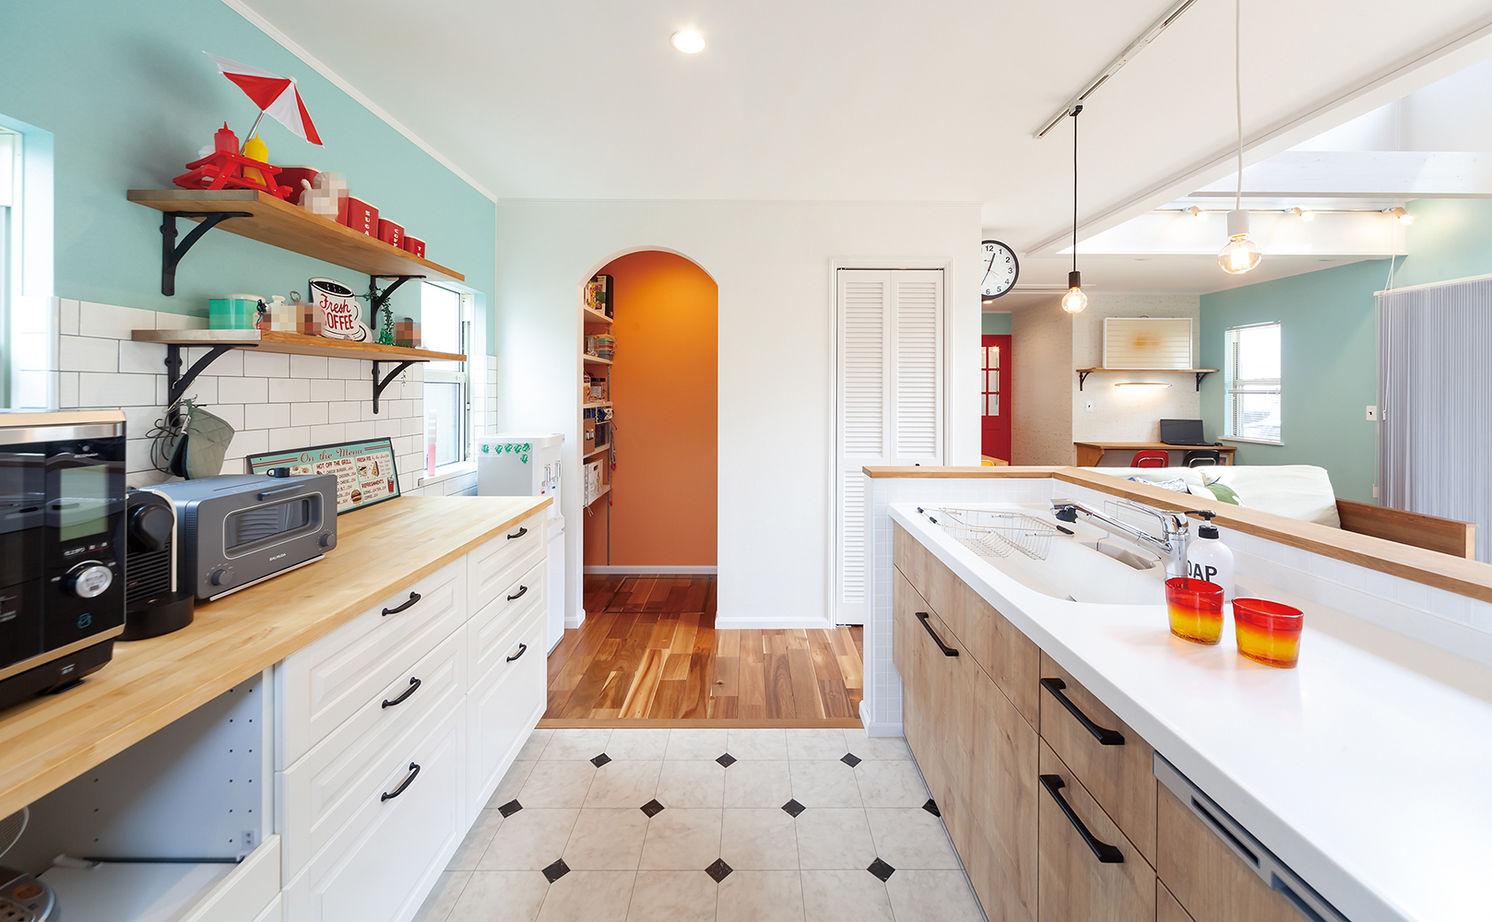 Suumo 1600 1699万円 間取りあり 50年代のアメリカが大好き ジーンズとロカビリーが似合う西海岸ハウス デザインハウス エフ の建築実例詳細 注文住宅